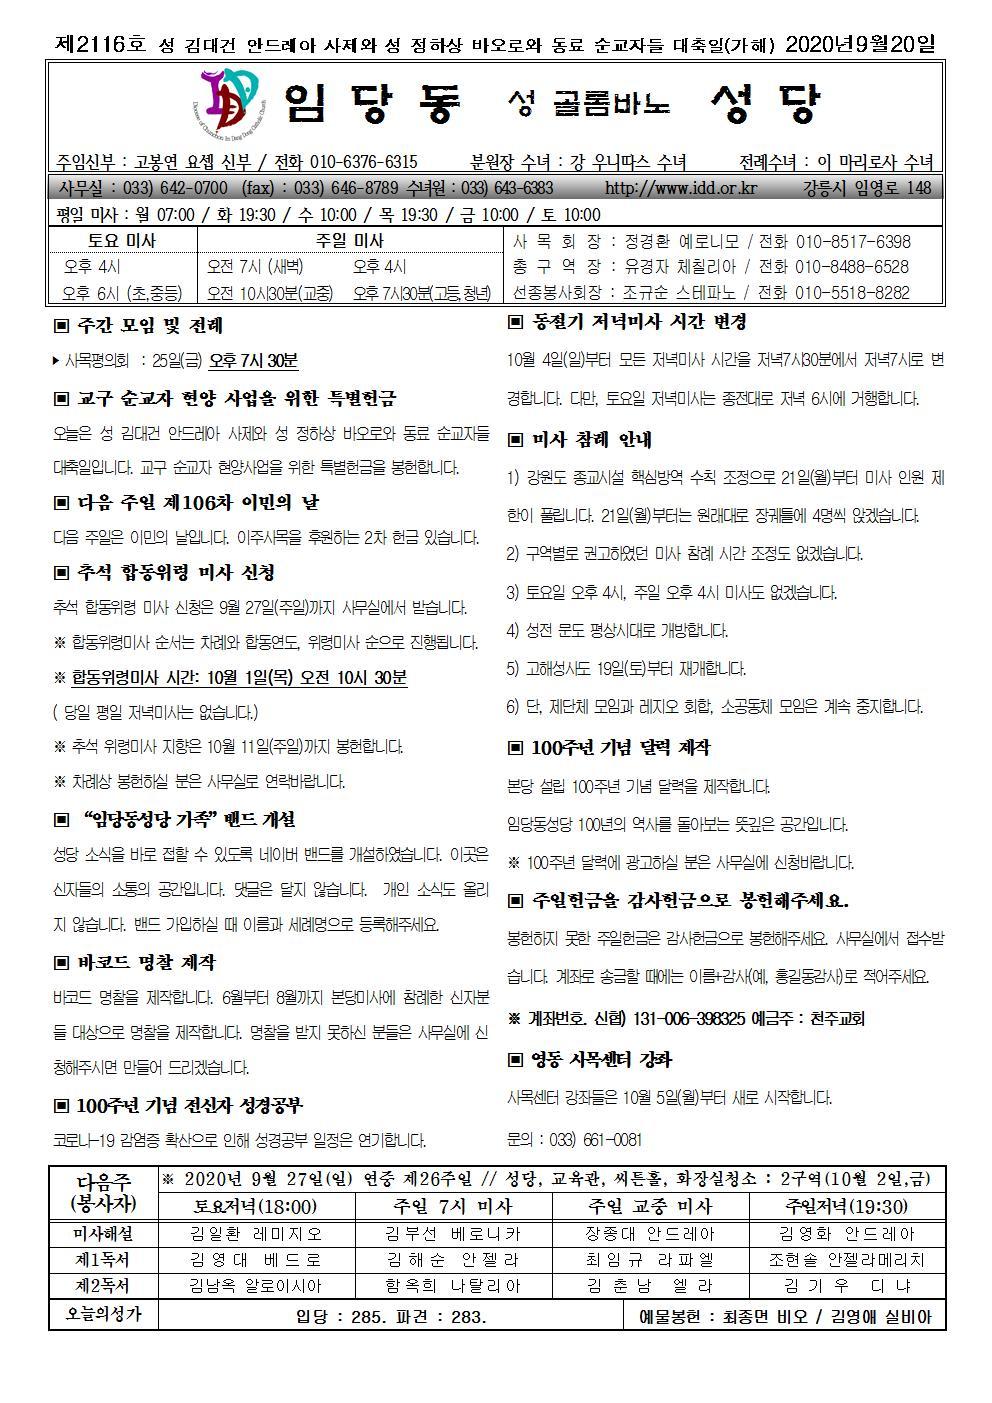 제2116호성김대건안드레아사제와성정하상바오로와동료순교자들대축일주보.jpg